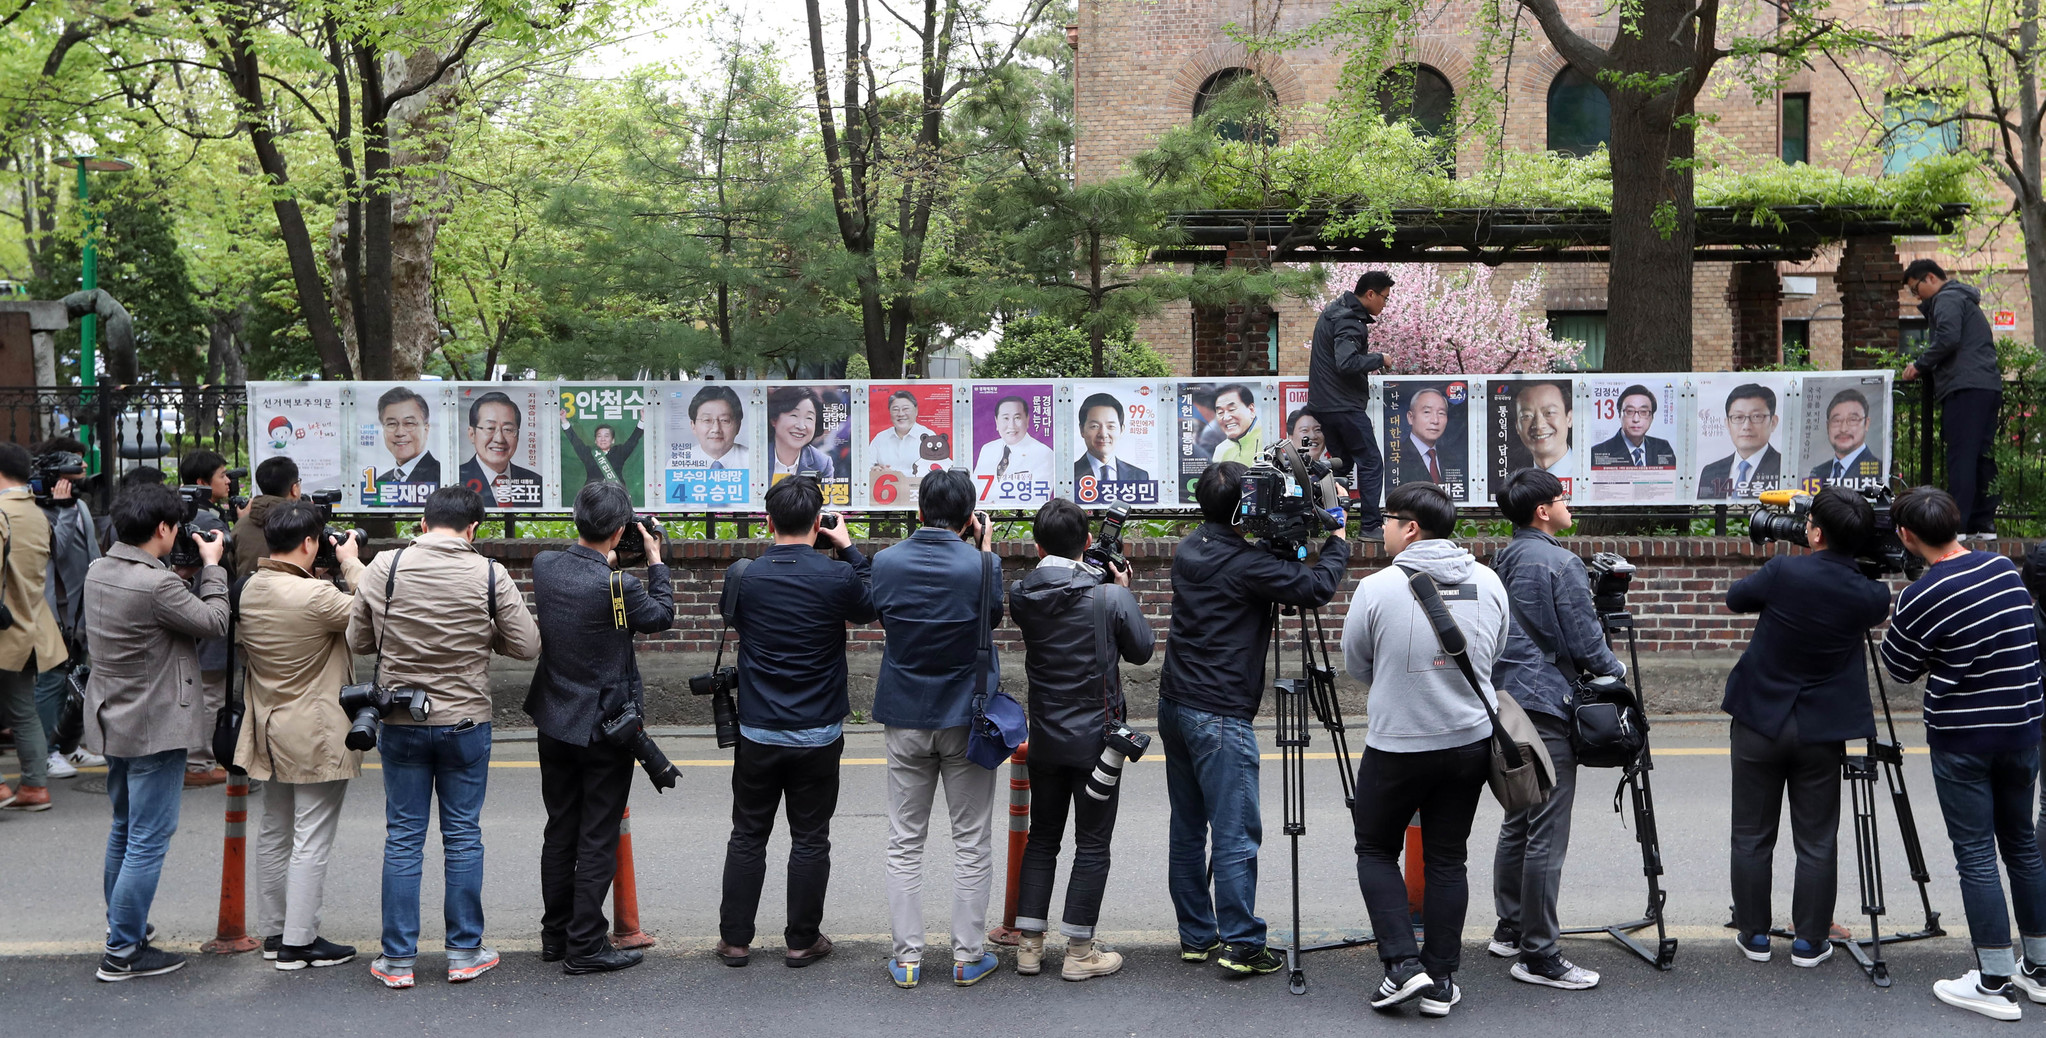 제19대 대통령선거 후보자 벽보게시가 시작된 20일 오전 서울 혜화동에서 선관위 직원들이 15명의 대선후보 벽보를 붙이고 있는 모습을 사진기자들이 일렬로 서서 촬영하고있다.강정현 기자